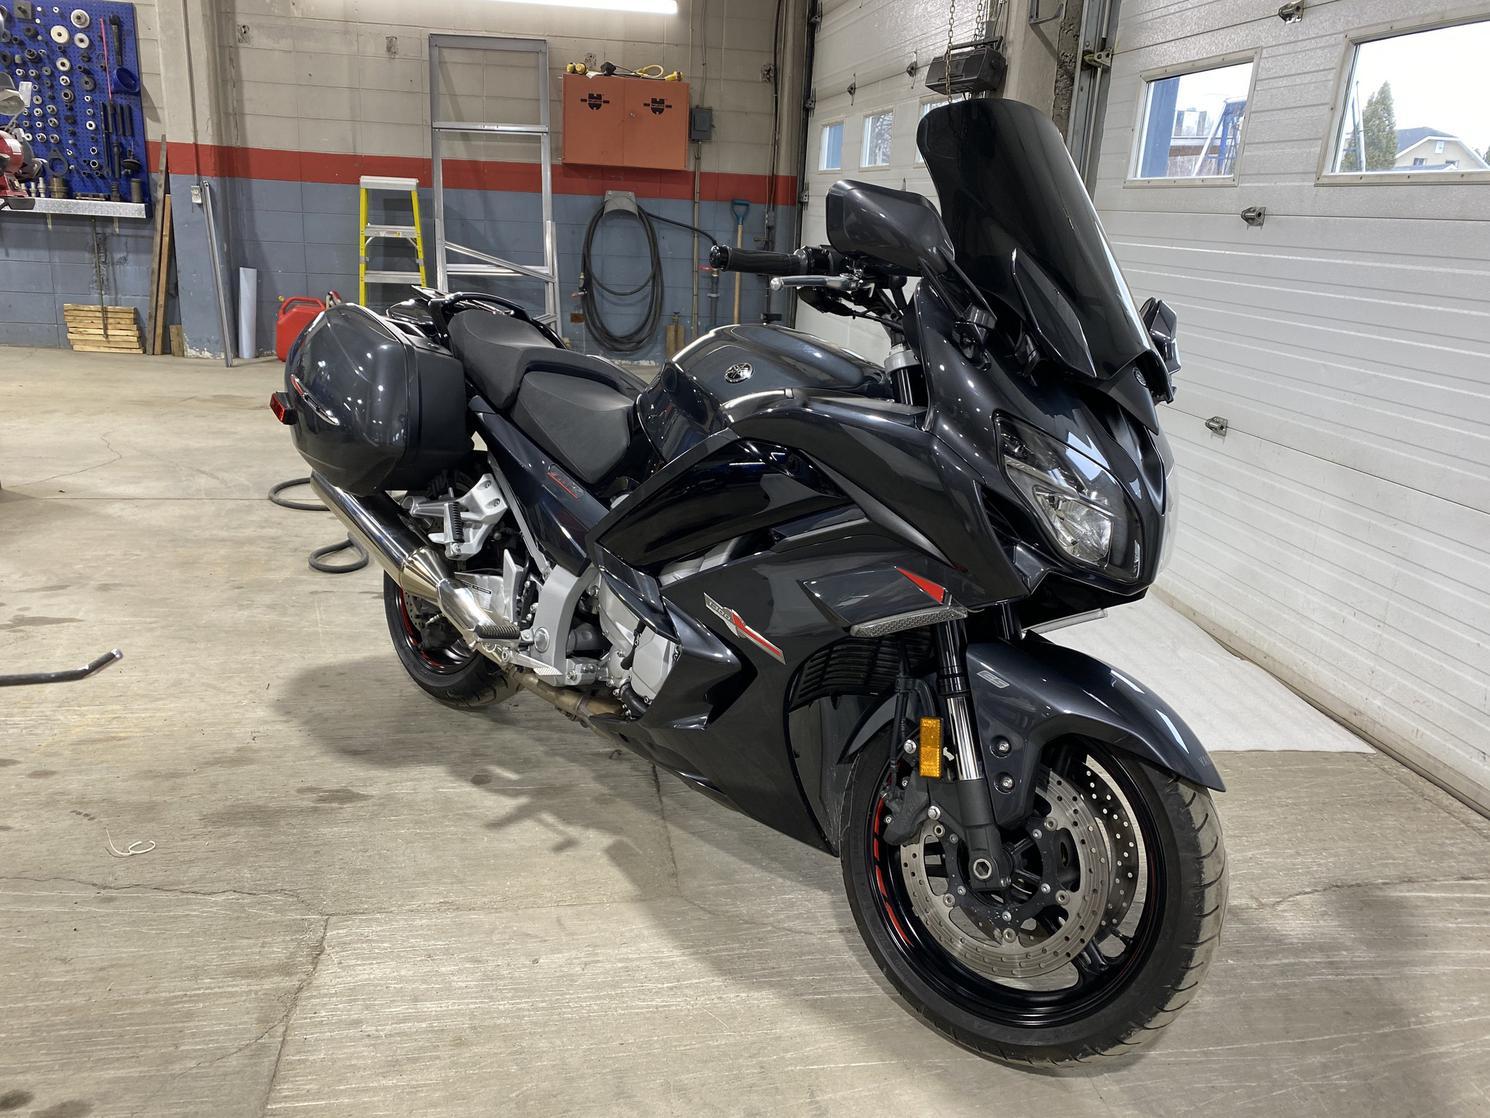 2016 Yamaha FJR 1300 FJR1300 Sport Touring